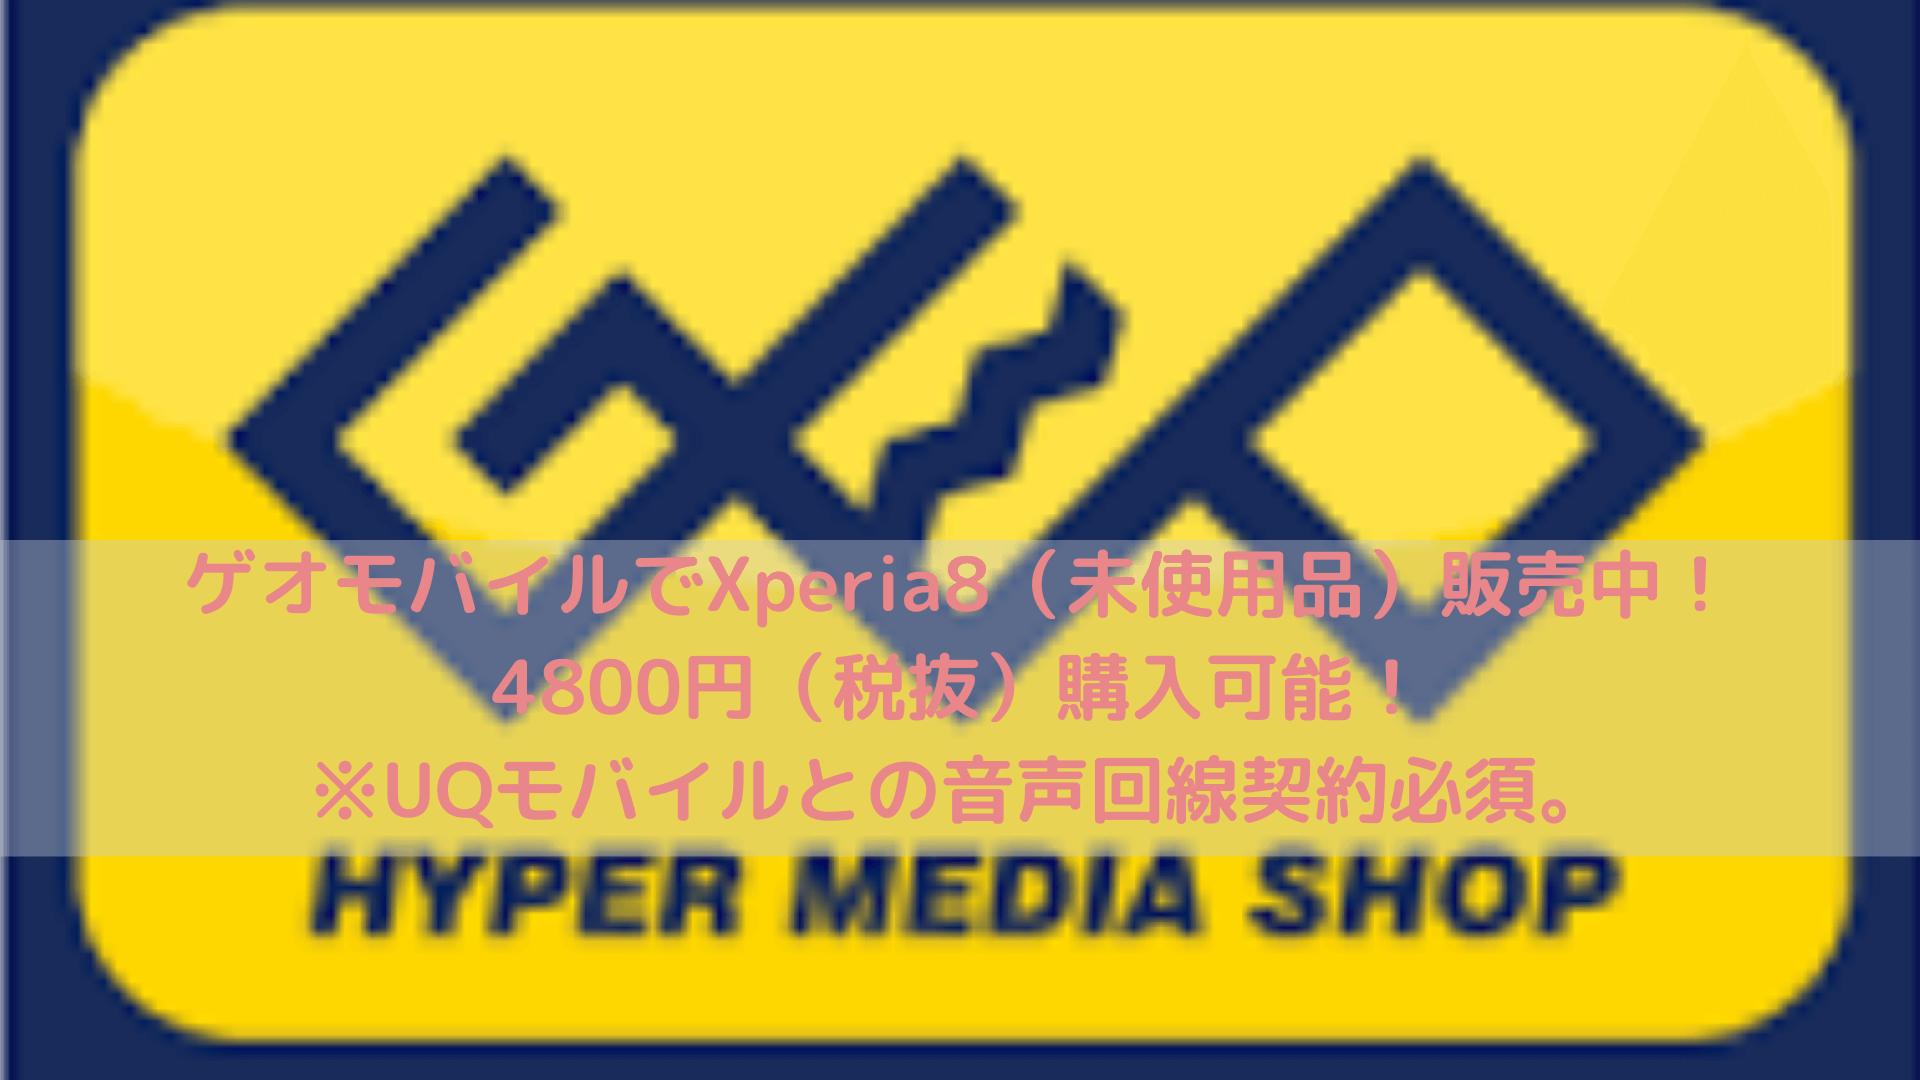 ゲオモバイルでXperia8(未使用品)販売中!4800円(税抜)購入可能!※UQモバイルとの音声回線契約必須。